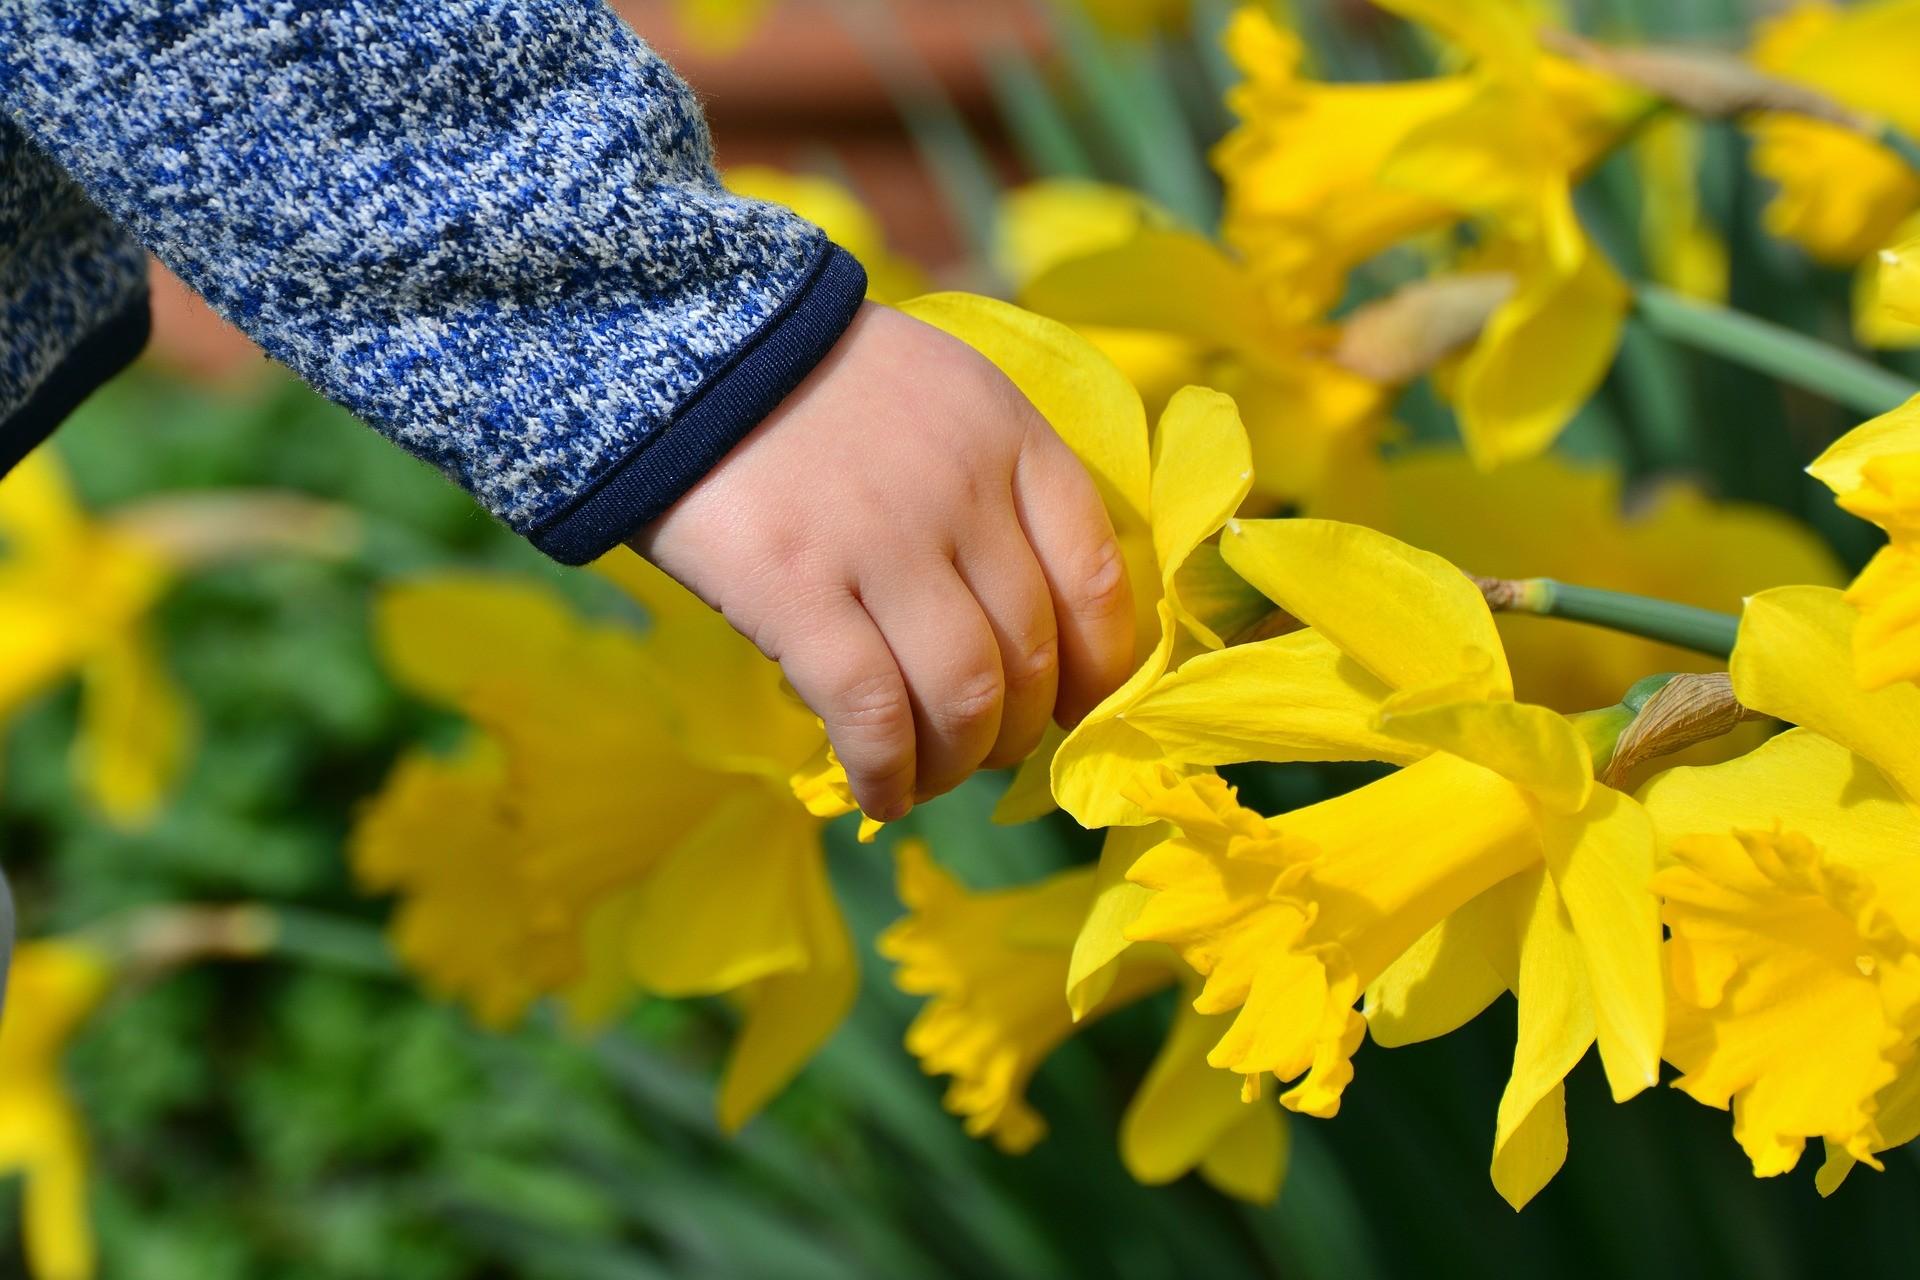 Barnehånd som berører og utforsker fine, gule påskeliljer